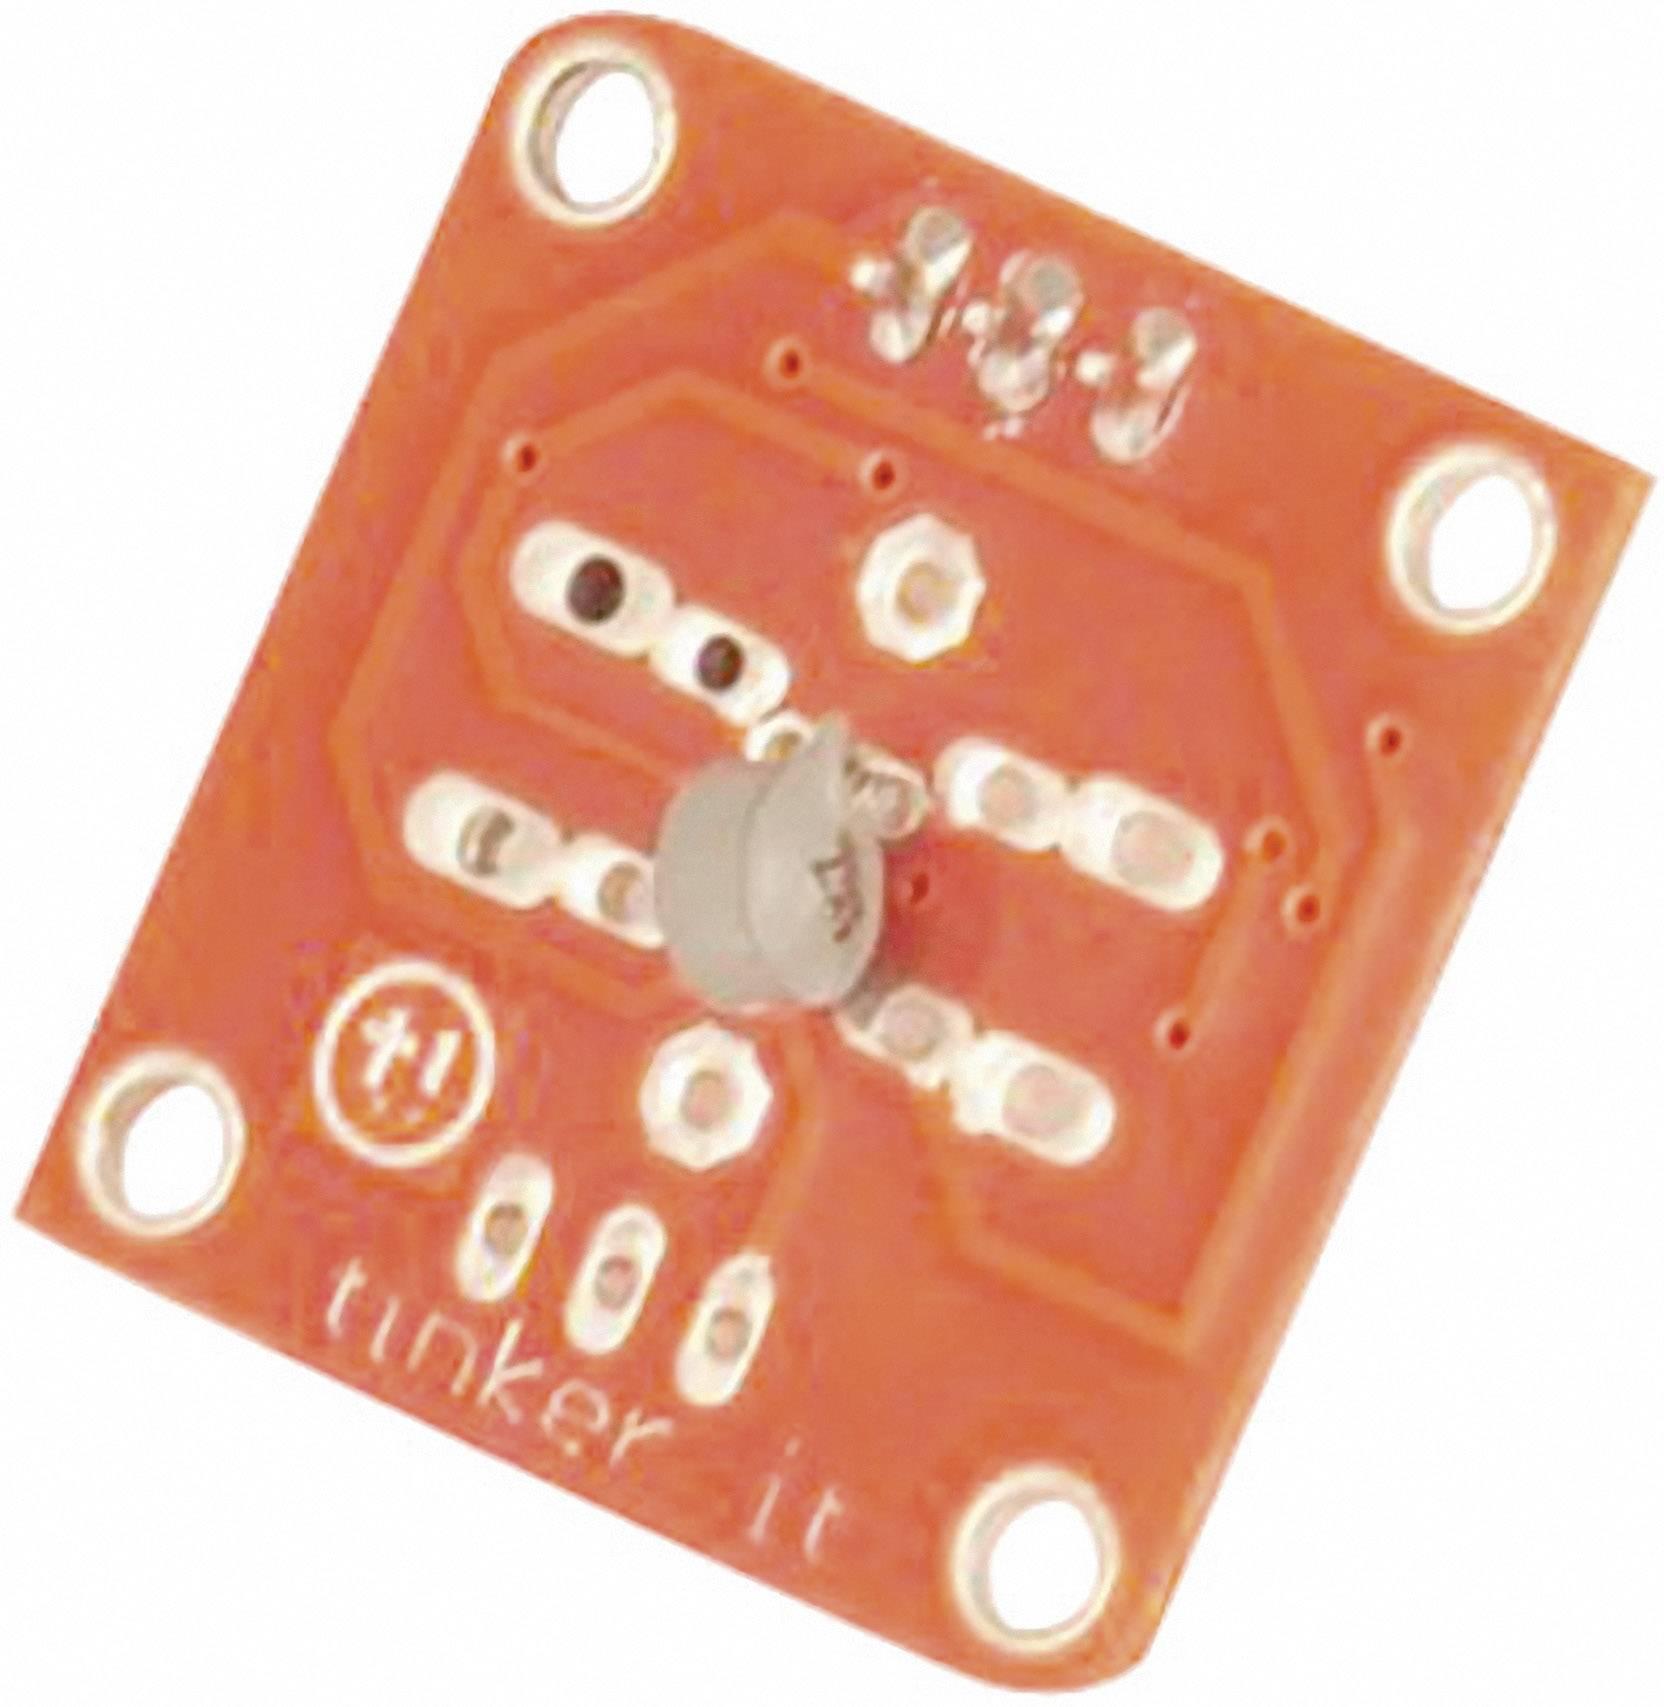 Tepeplný senzorový modul (thermistor) Arduino T000200